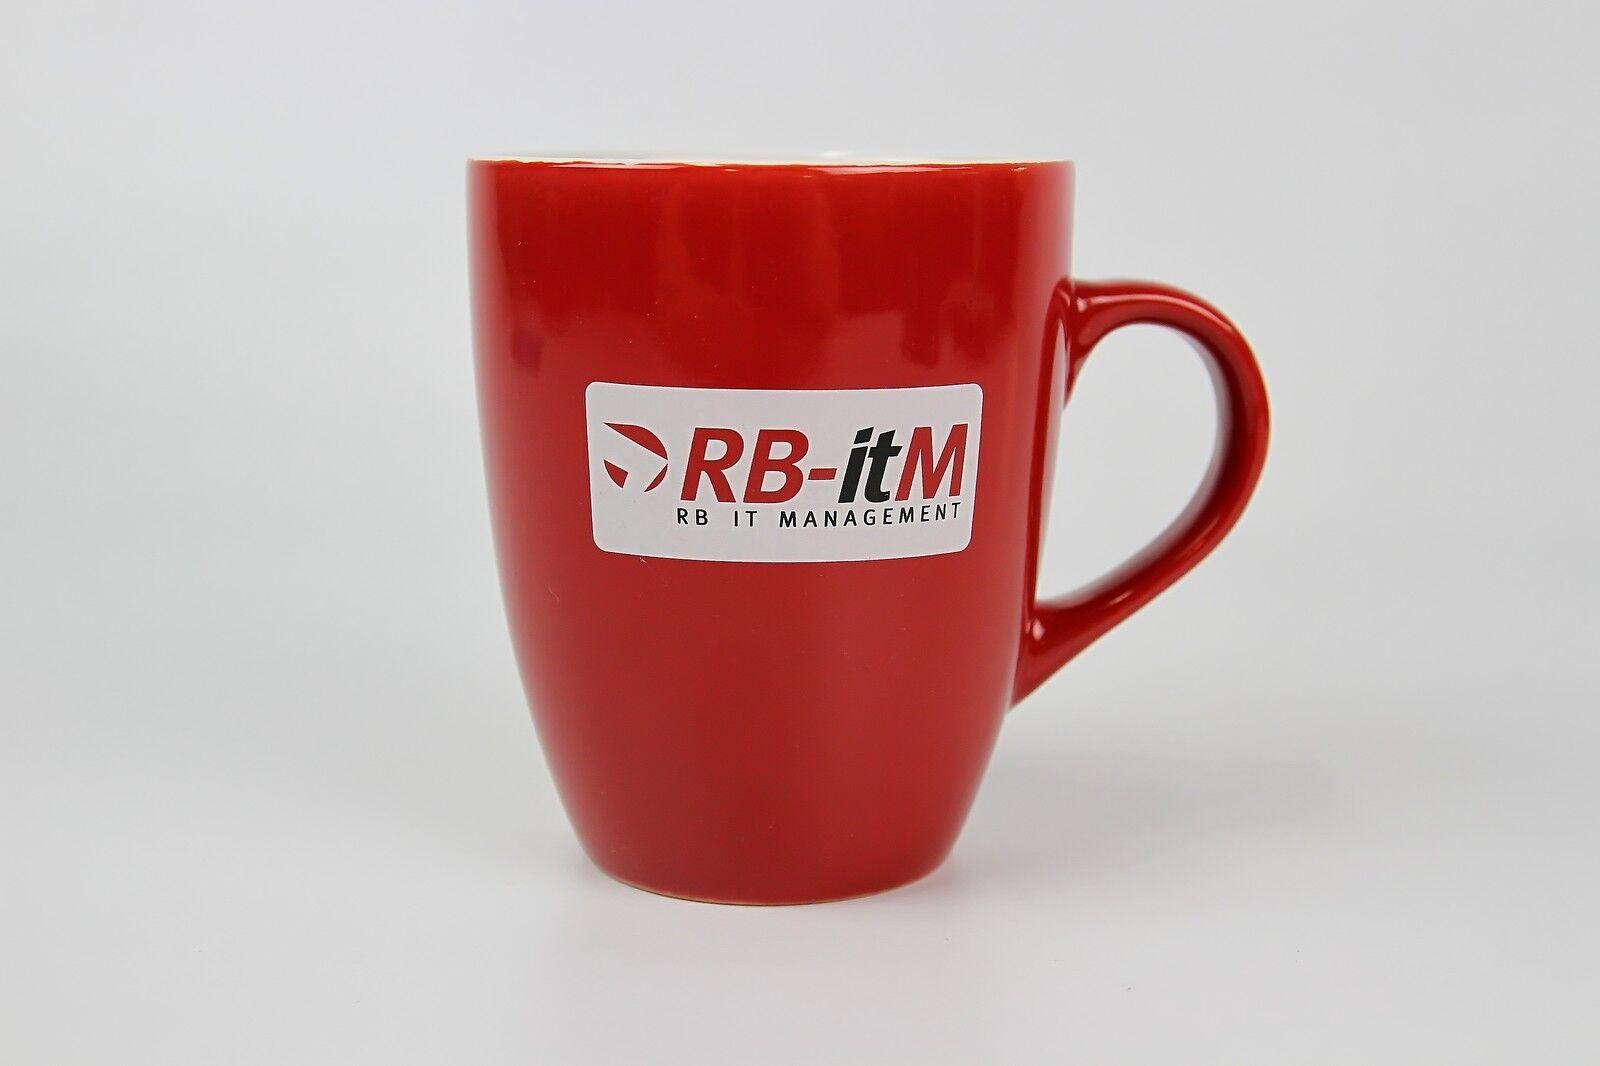 rb-itm